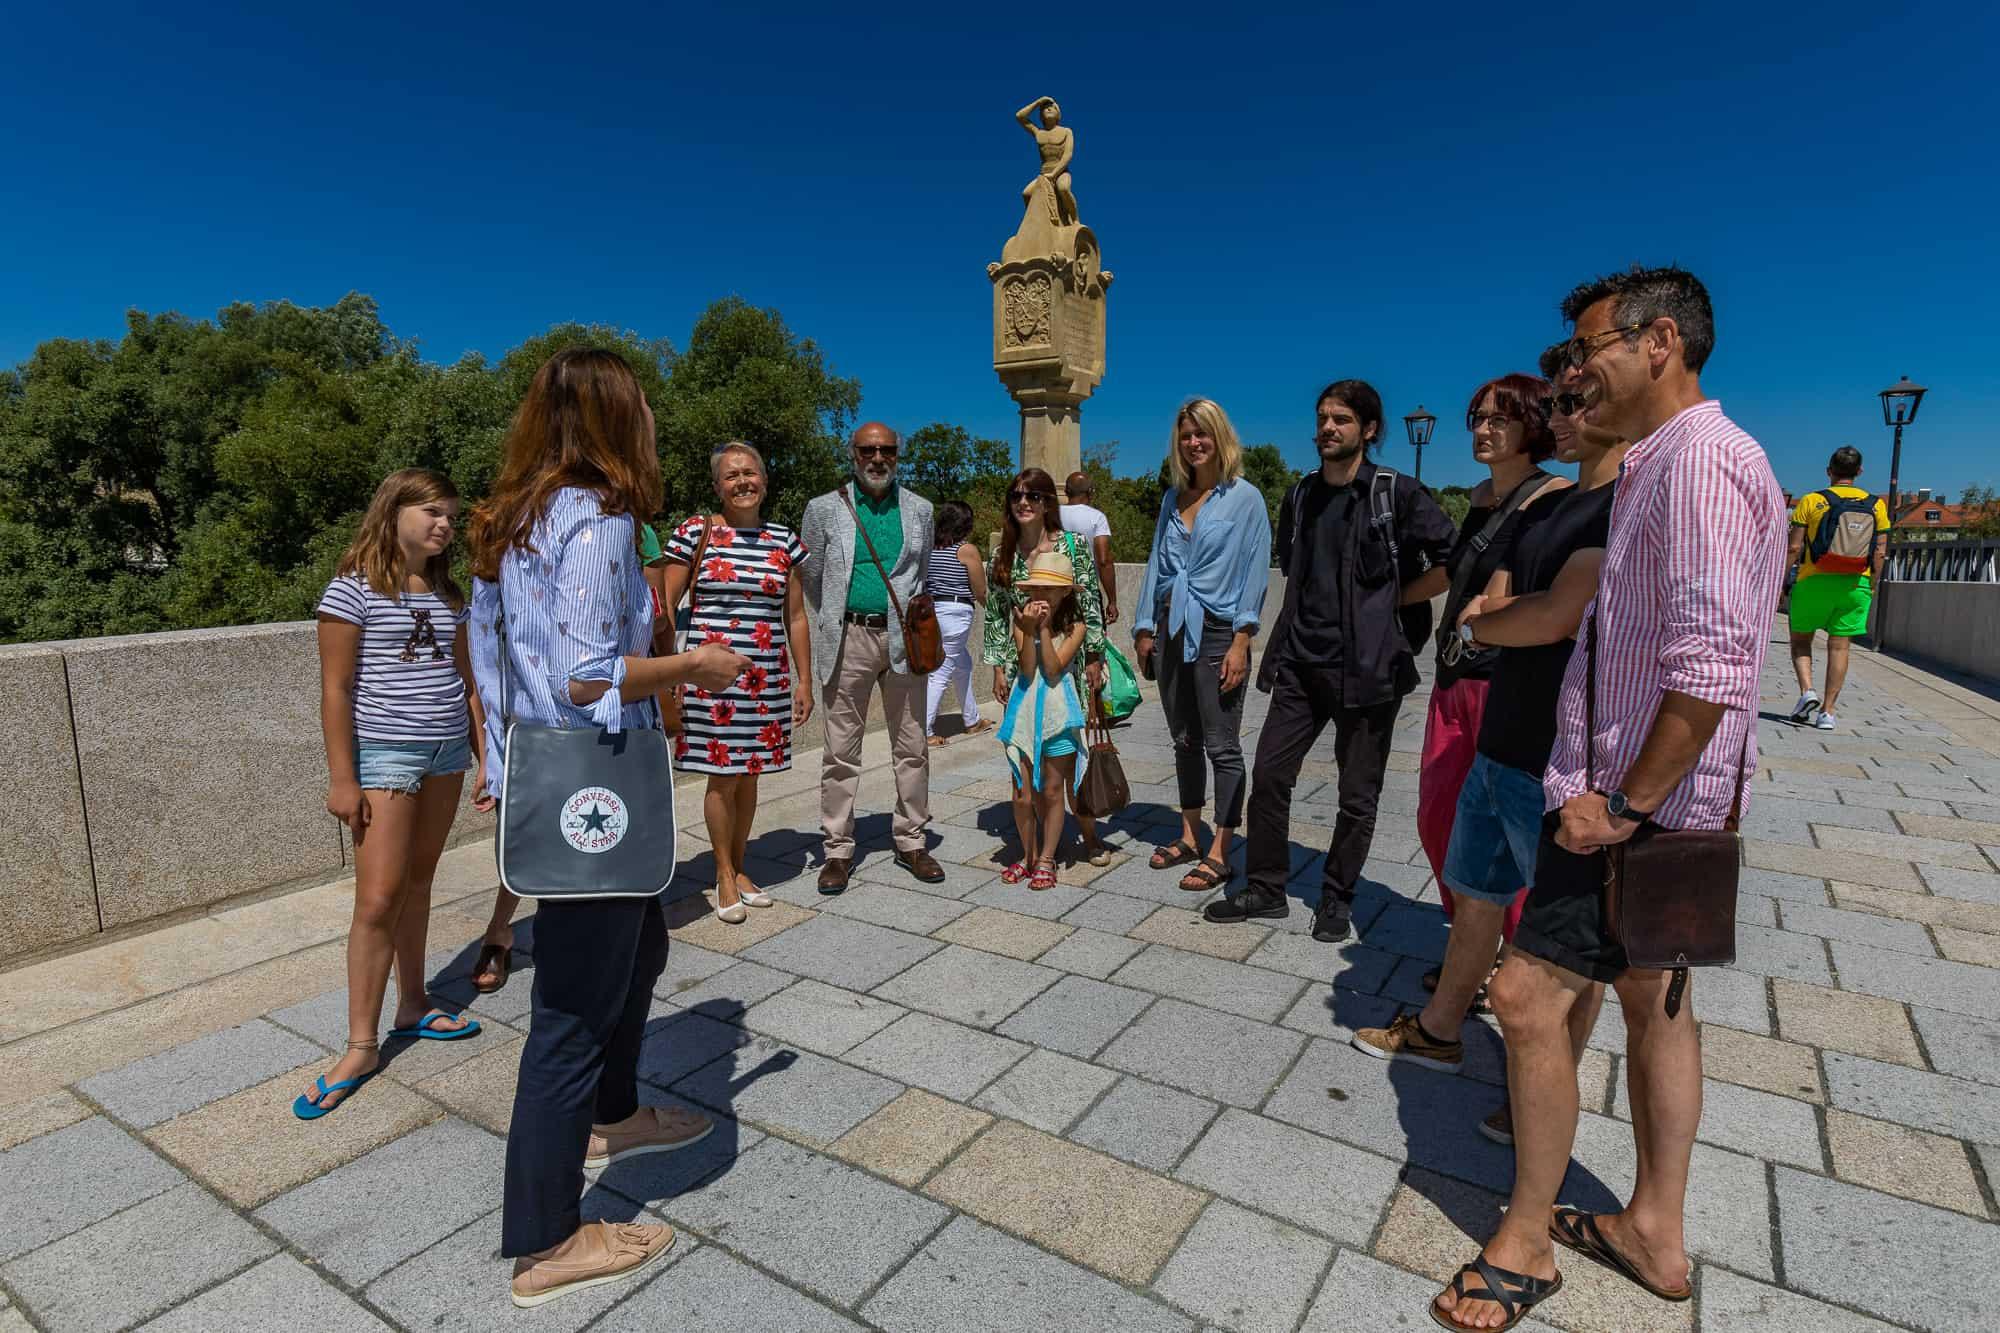 Tourismusbilanz für Regensburg positiv Gästeankünfte und Übernachtungen in Regensburg leicht gestiegen